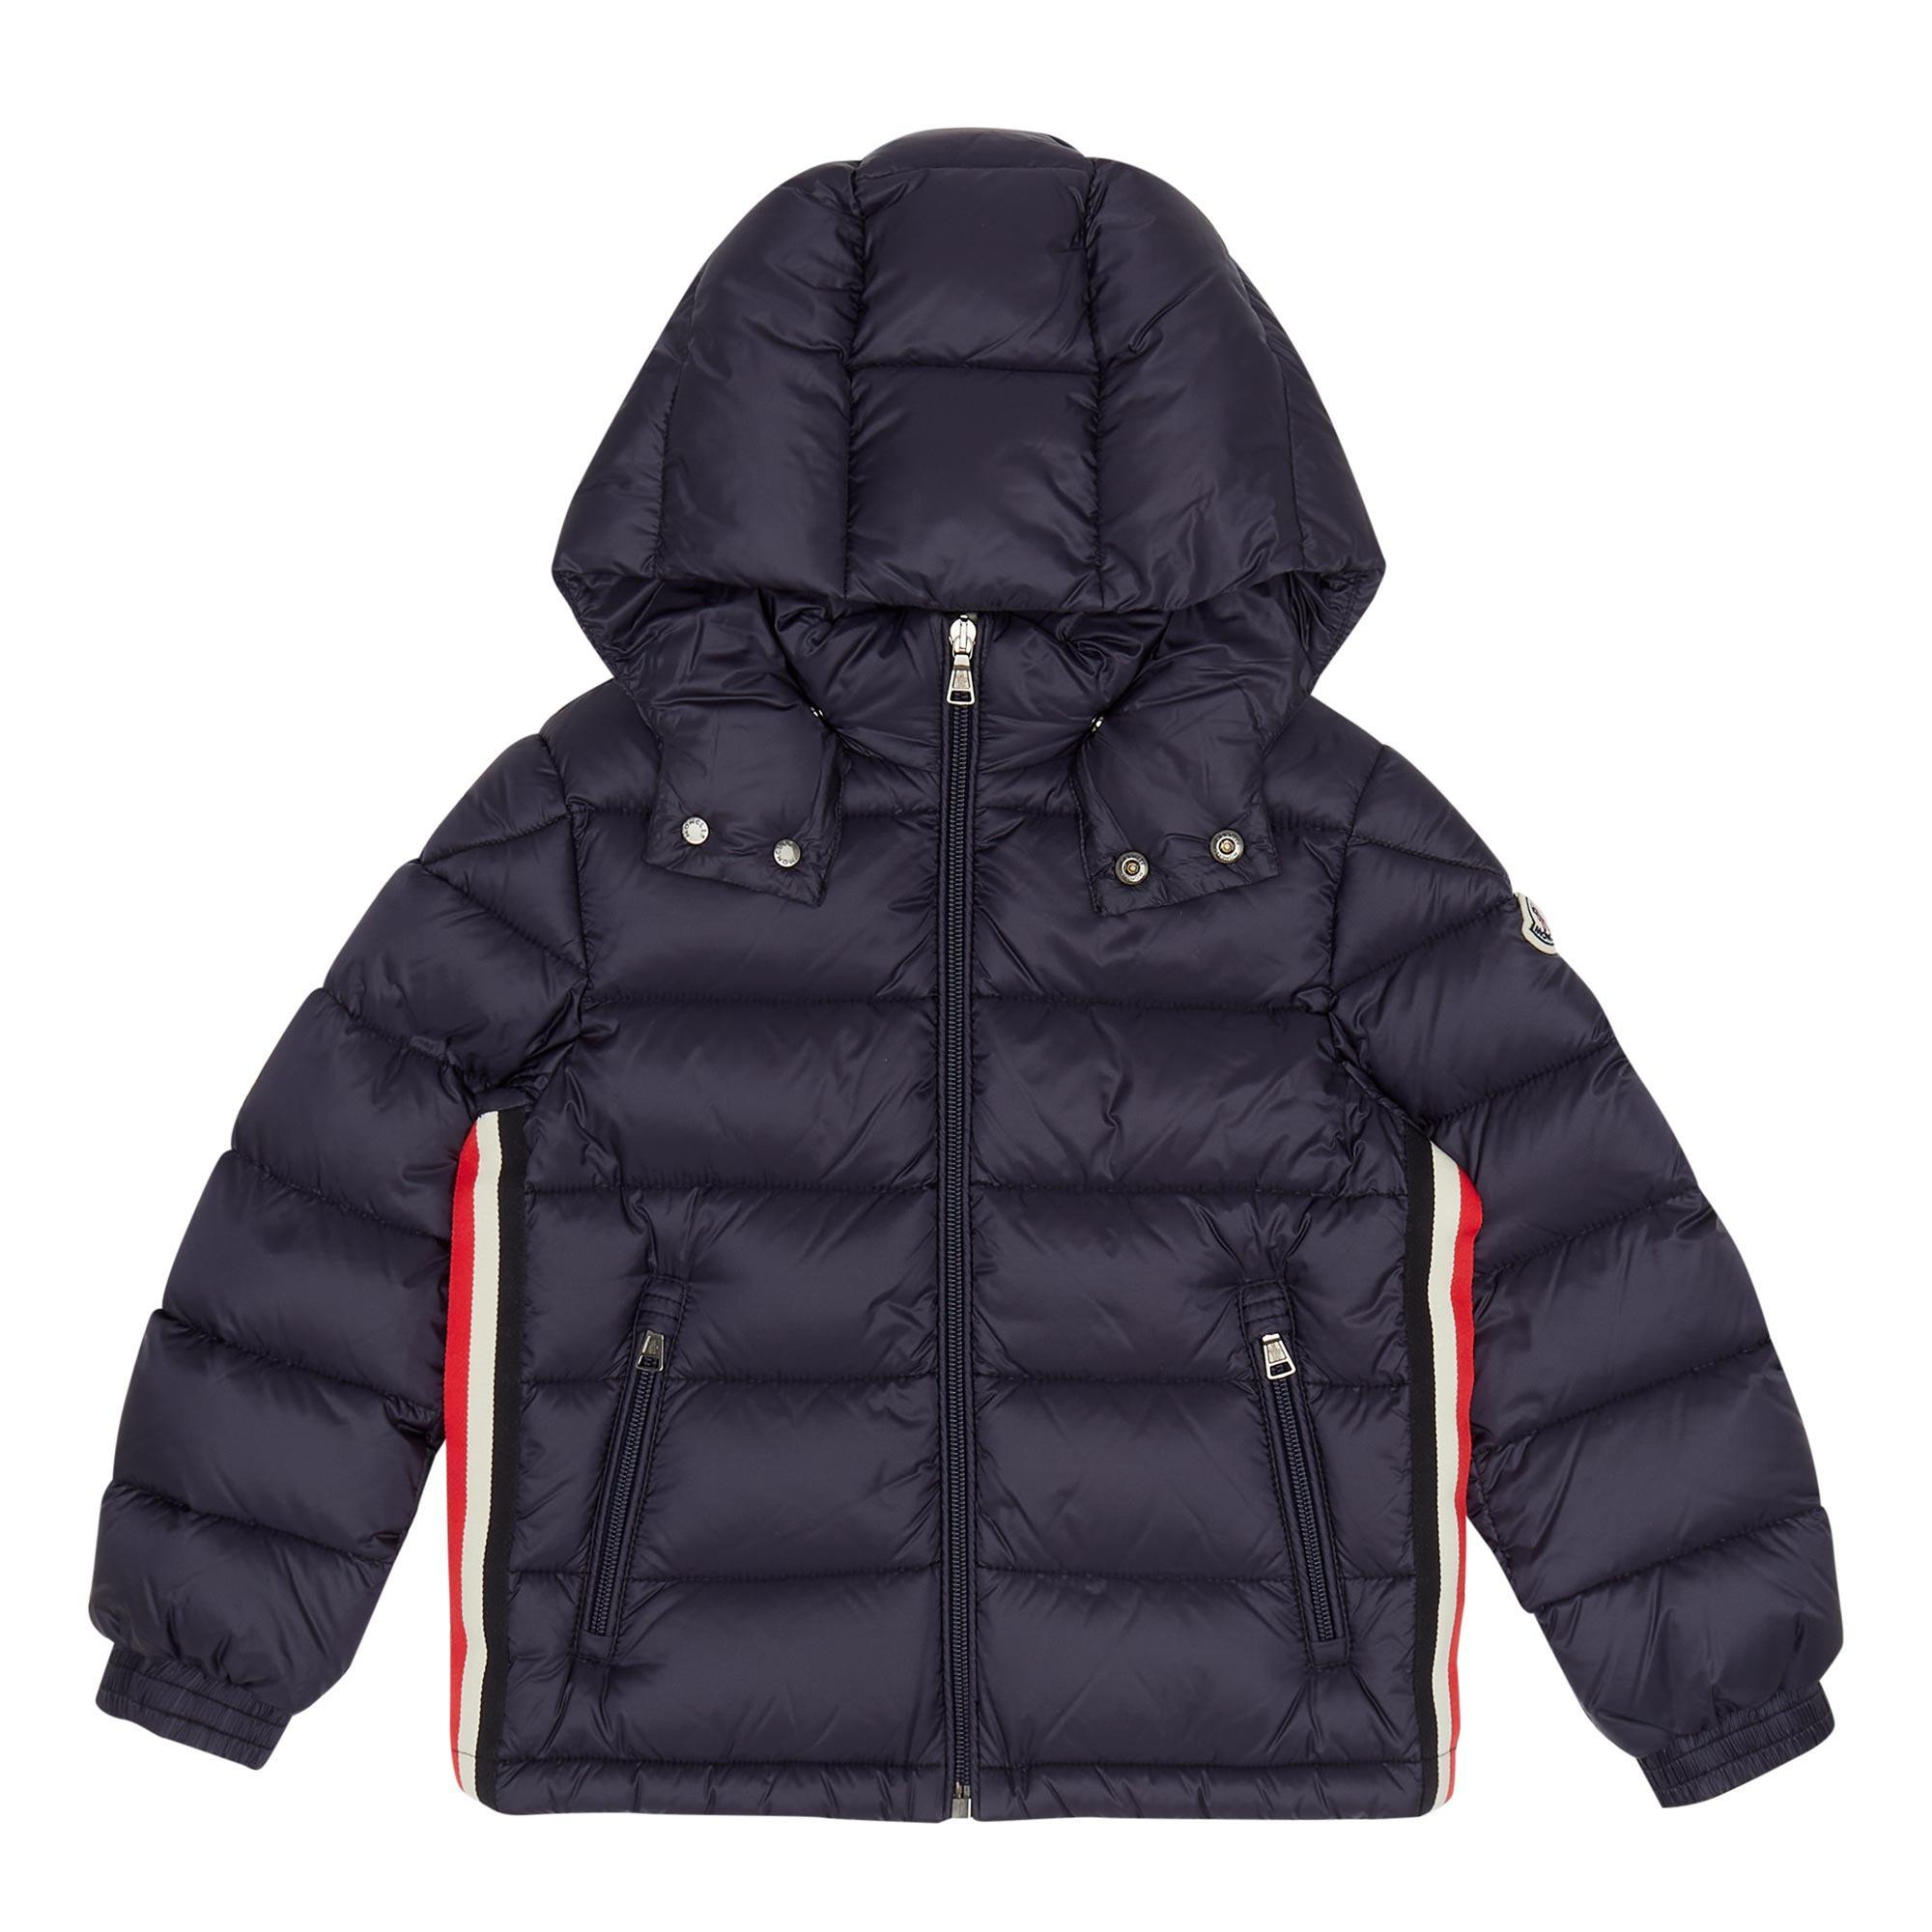 Gastonet Padded Jacket